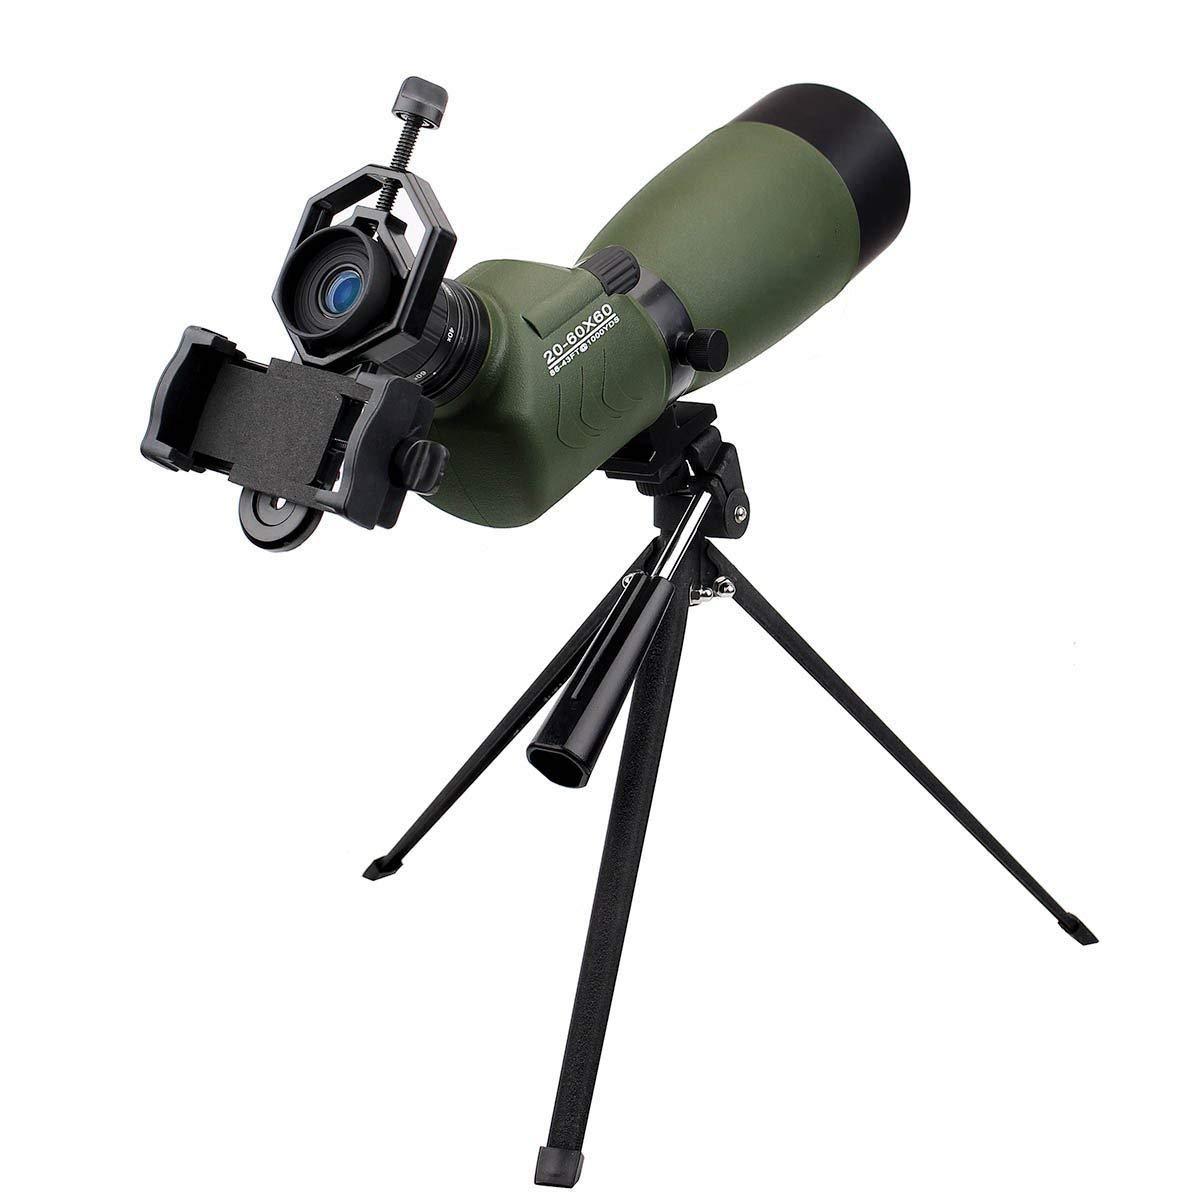 【返品不可】 C-Xka 望遠鏡 単眼鏡高倍率フィールドスコープ 望遠鏡 (20倍-60倍 防水天体観測野鳥観察 スマホアダプタ付き B07JD3D3FH 日本語マニュアル付き (20倍-60倍 60mm) B07JD3D3FH, 安芸区:2f11352b --- a0267596.xsph.ru